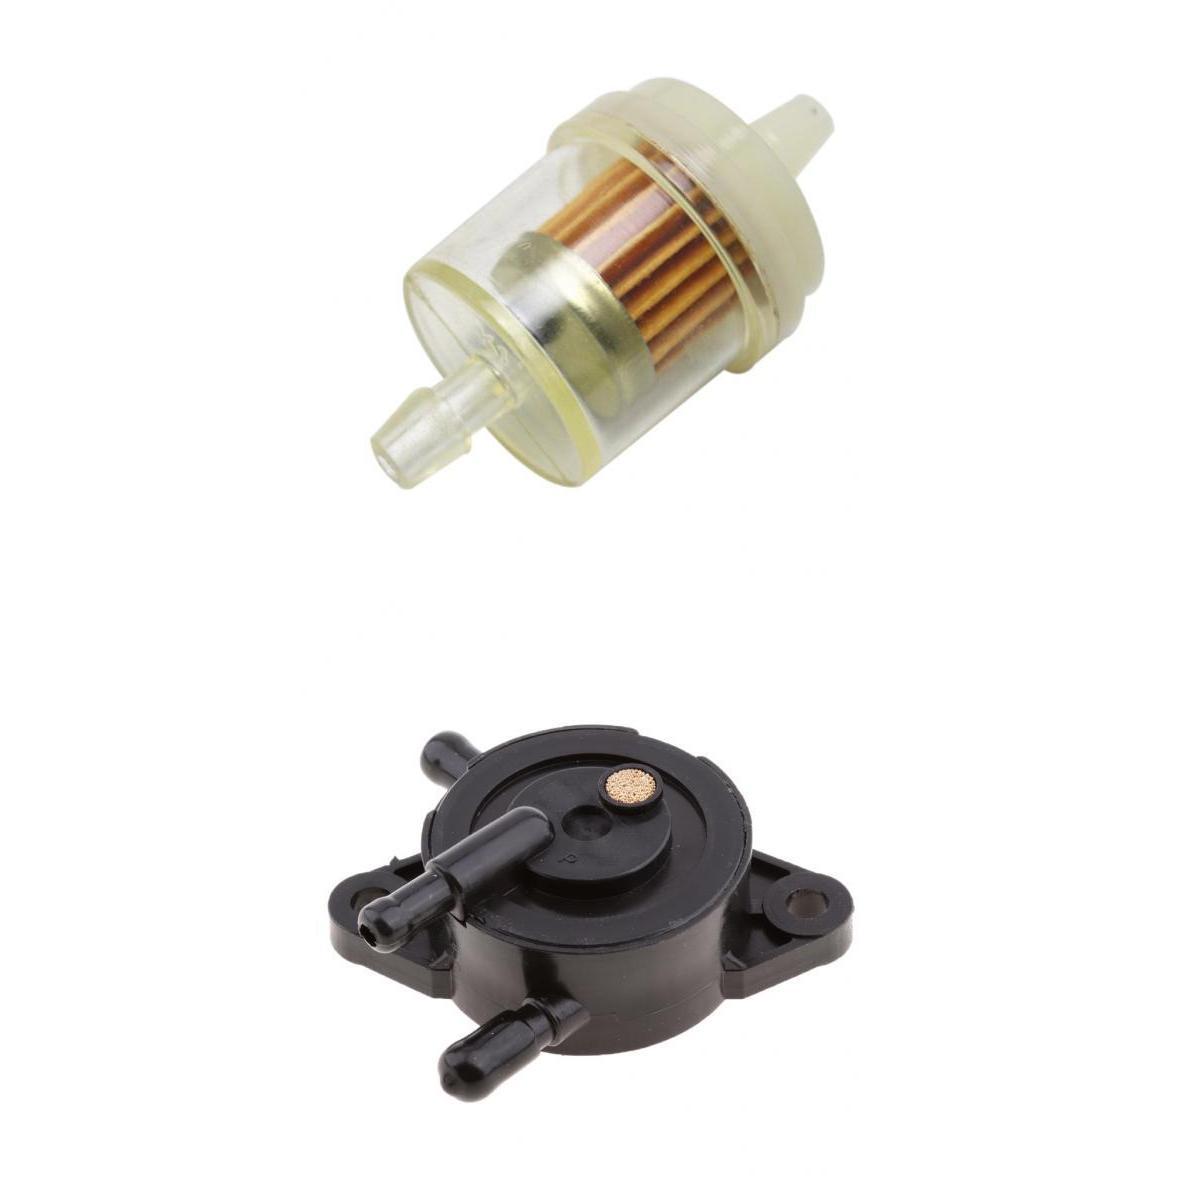 Vacuum Fuel Pump & Filter for KAWASAKI MULE 610 4X4 XC KAF400 2010 - 2015, Motor Bike/Dirt Trail Pocket Mini Bike Accessories